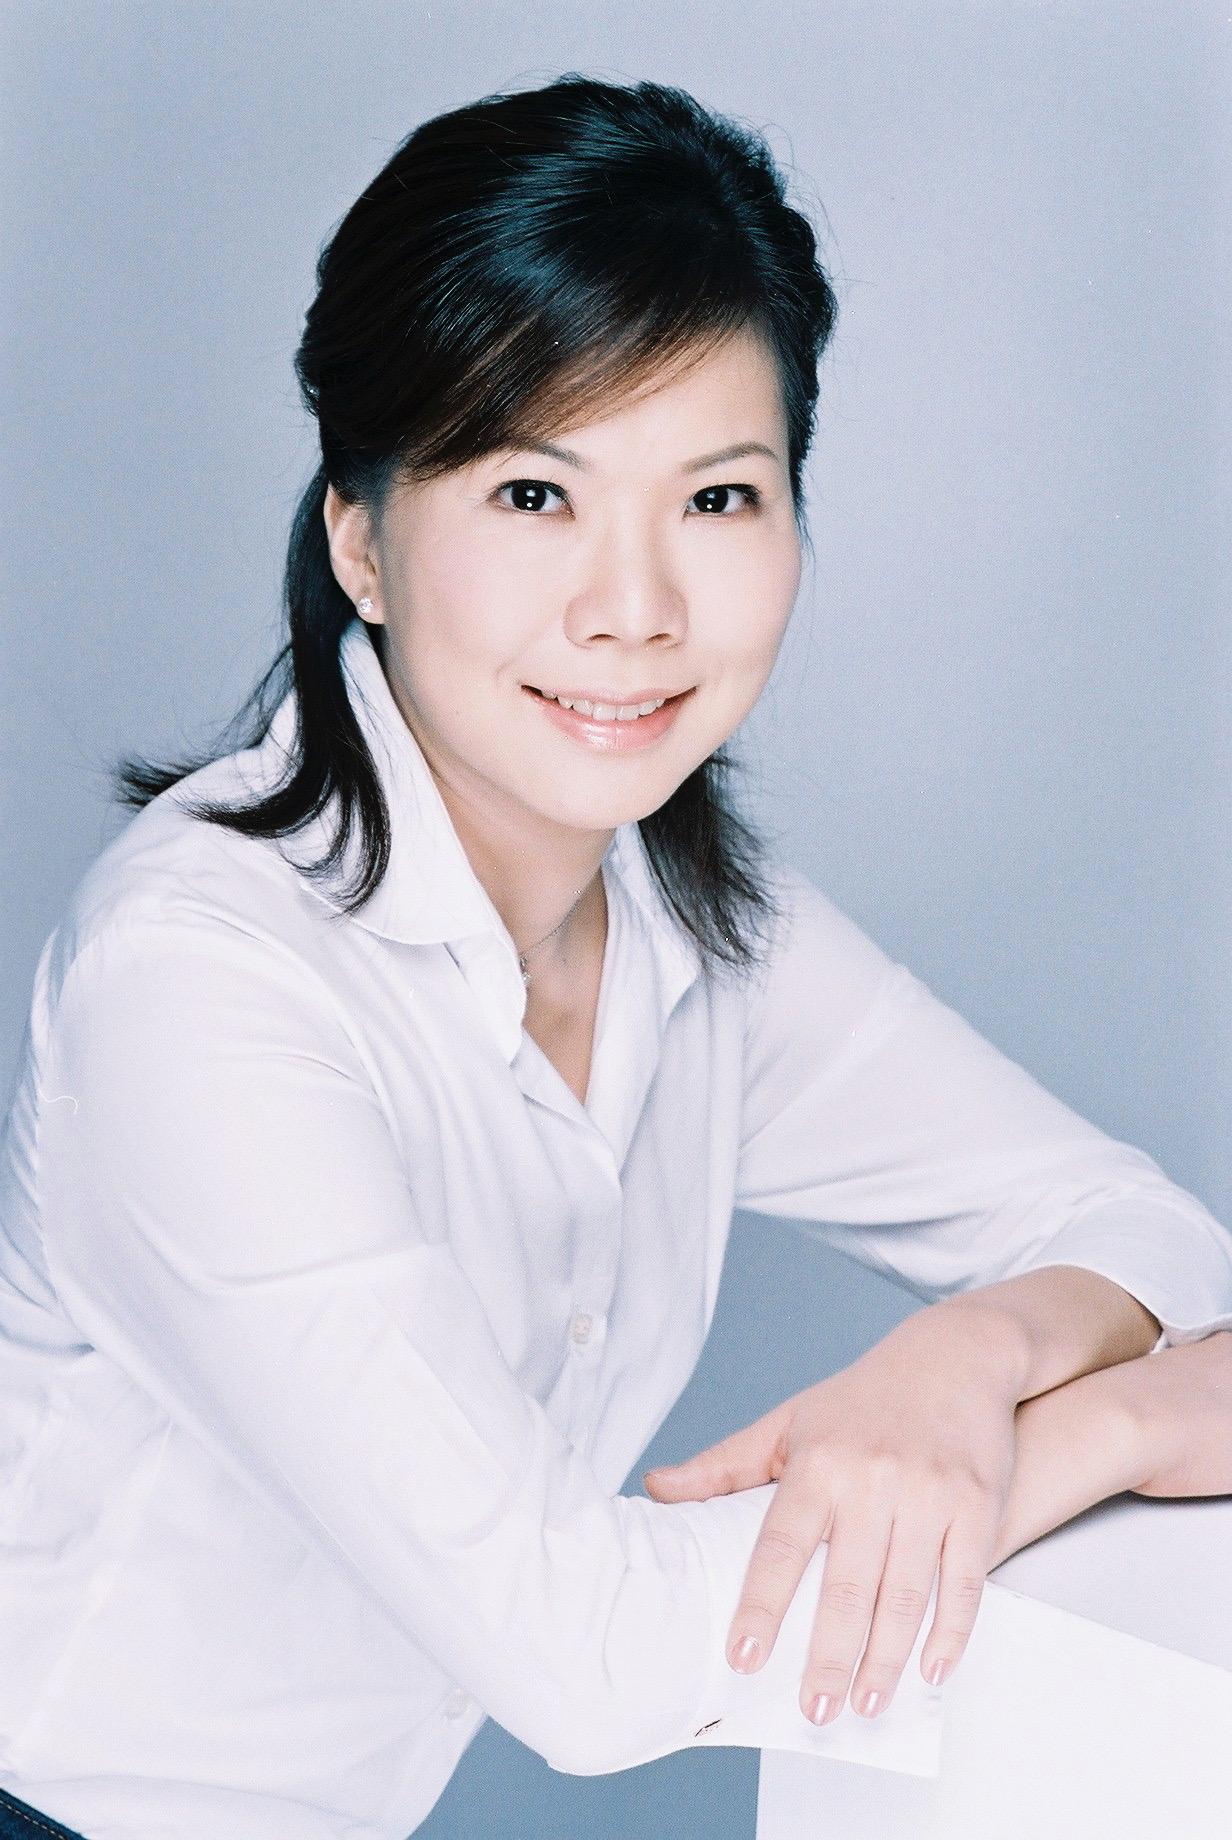 教師 「陳珏安」老師照片